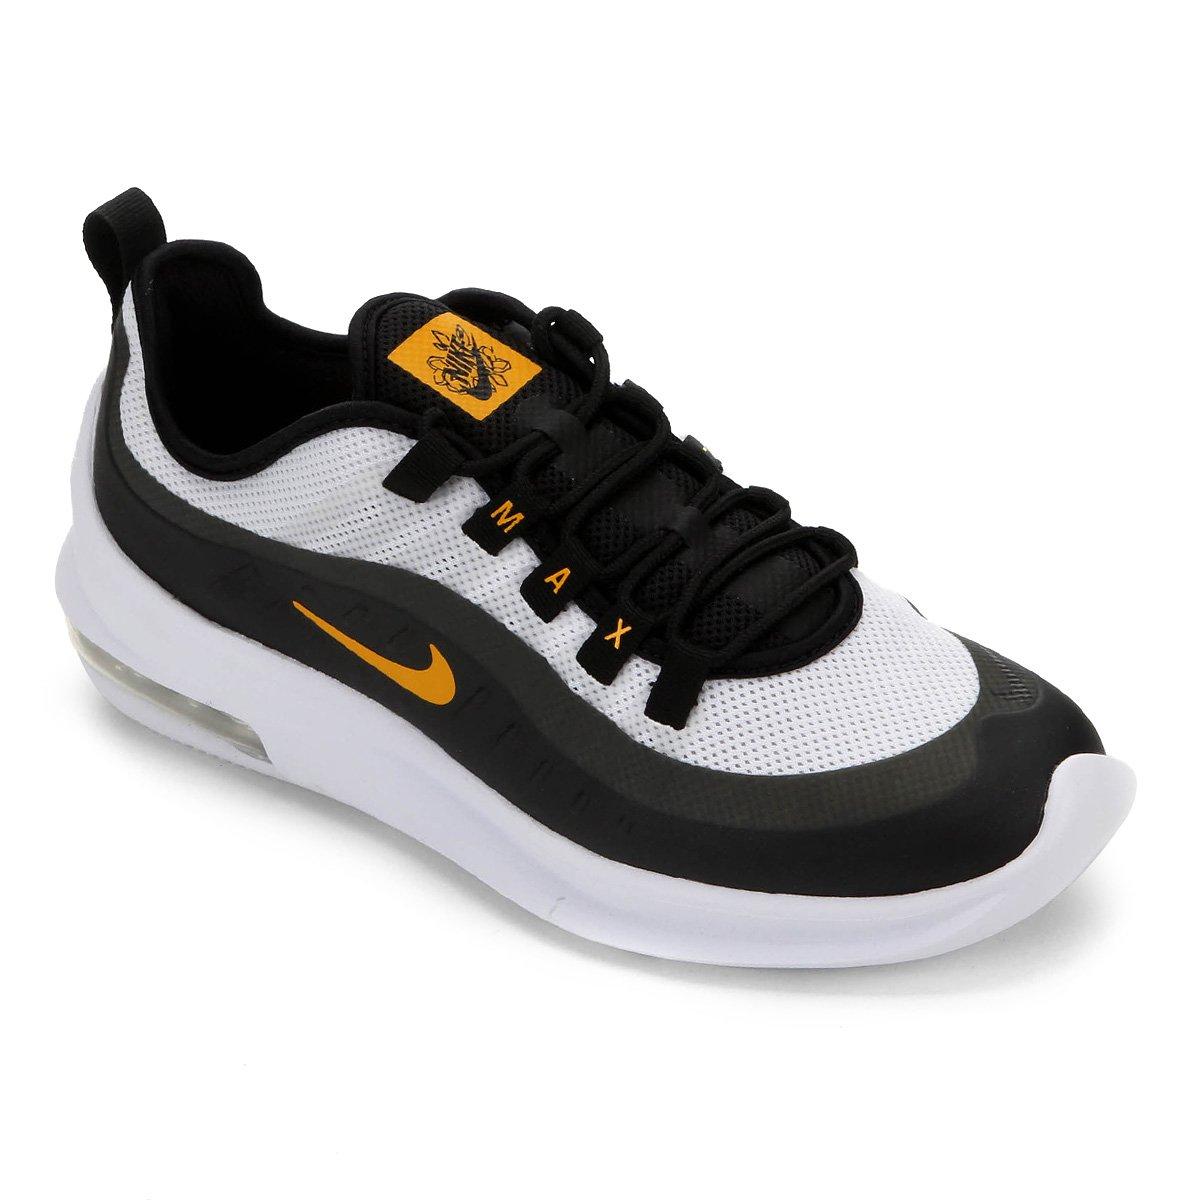 Tênis Nike Air Max Axis Preto Compre Agora | Dafiti Brasil